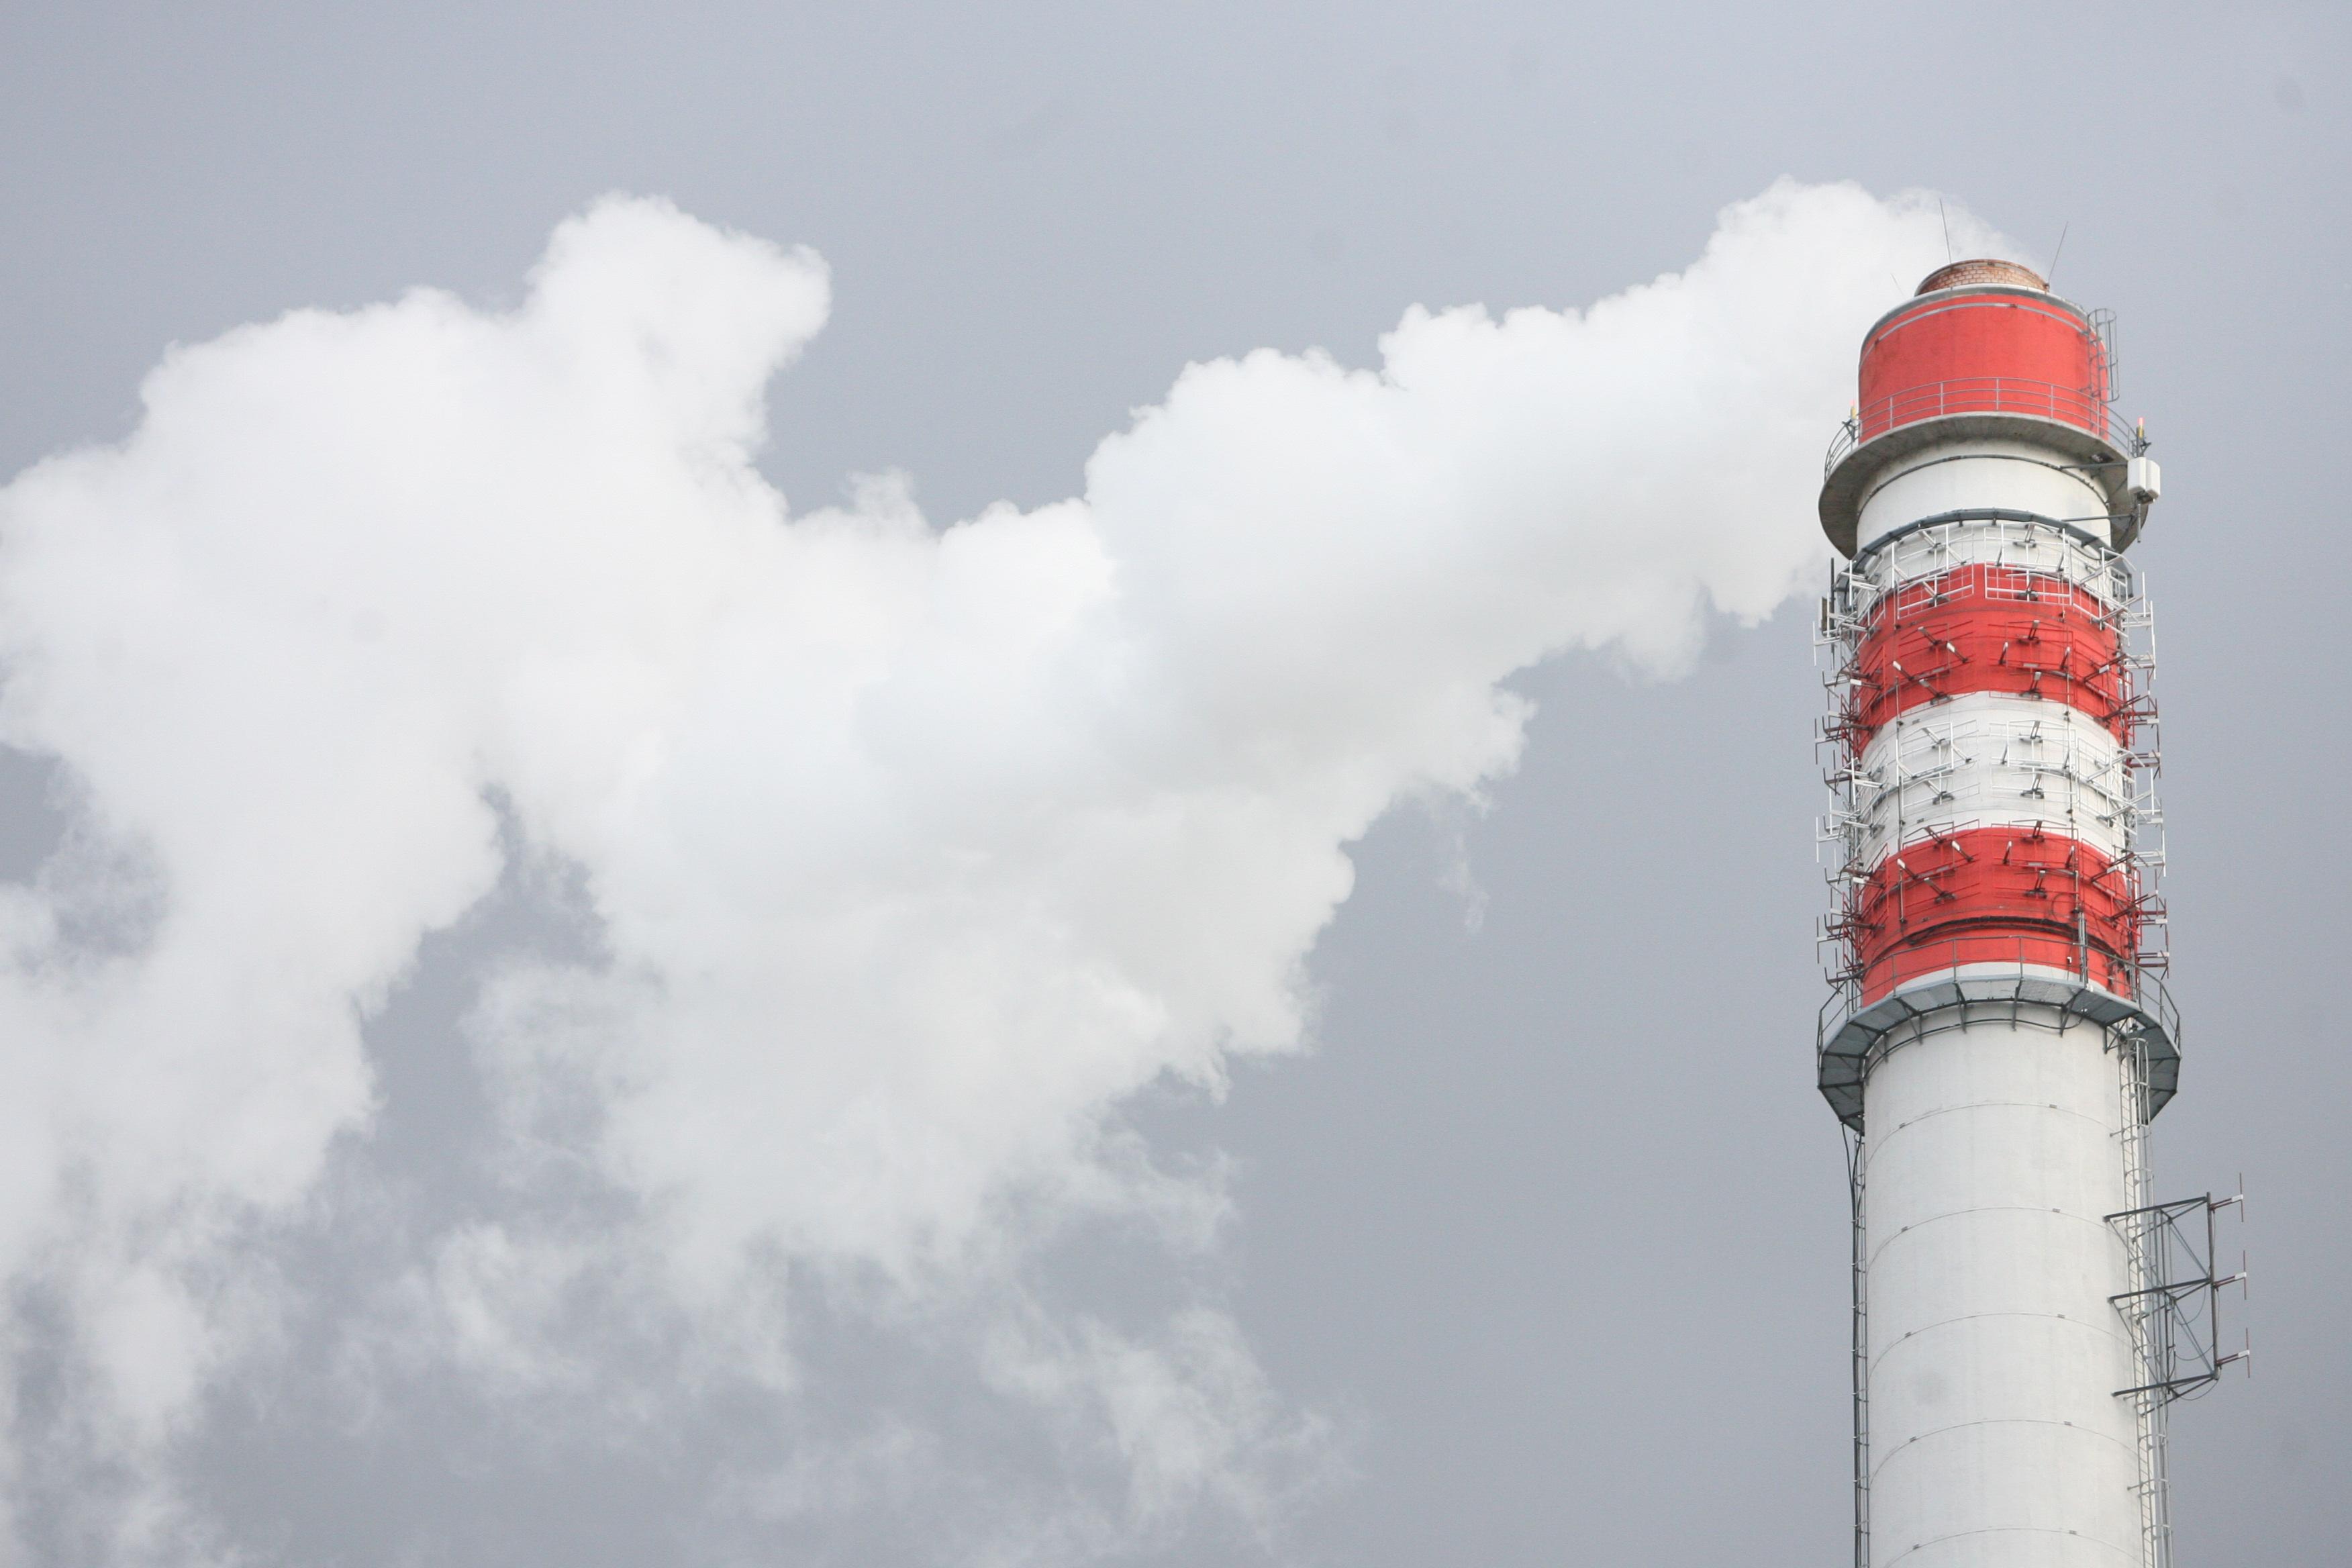 Arnika: Zvýšení kapacit spaloven je zbytečné, hrozí dovážení odpadů z ciziny